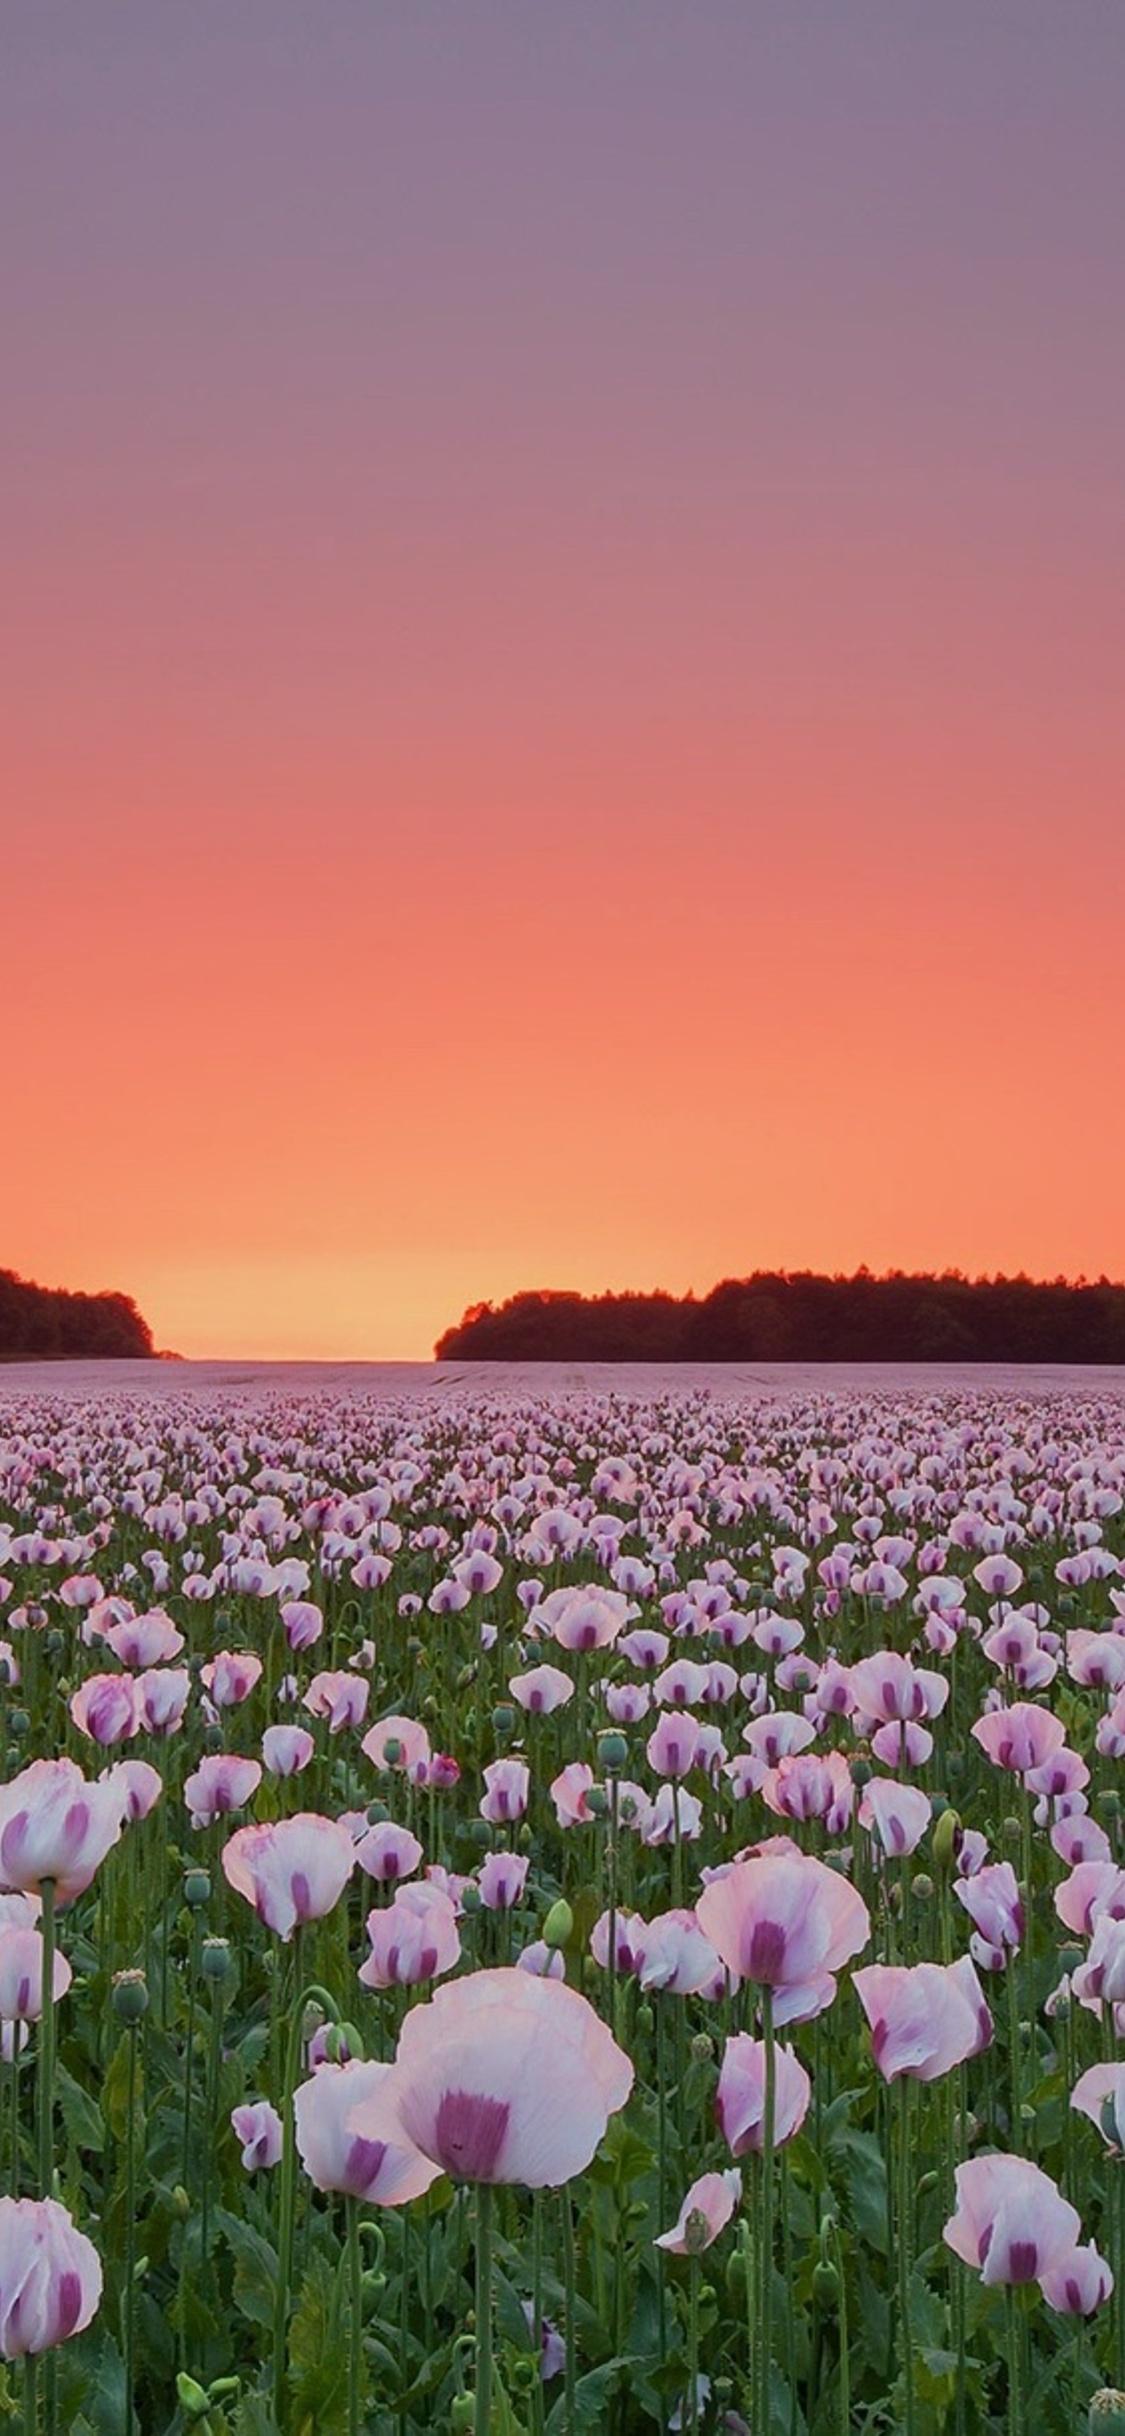 poppy-flowers-field-gj.jpg